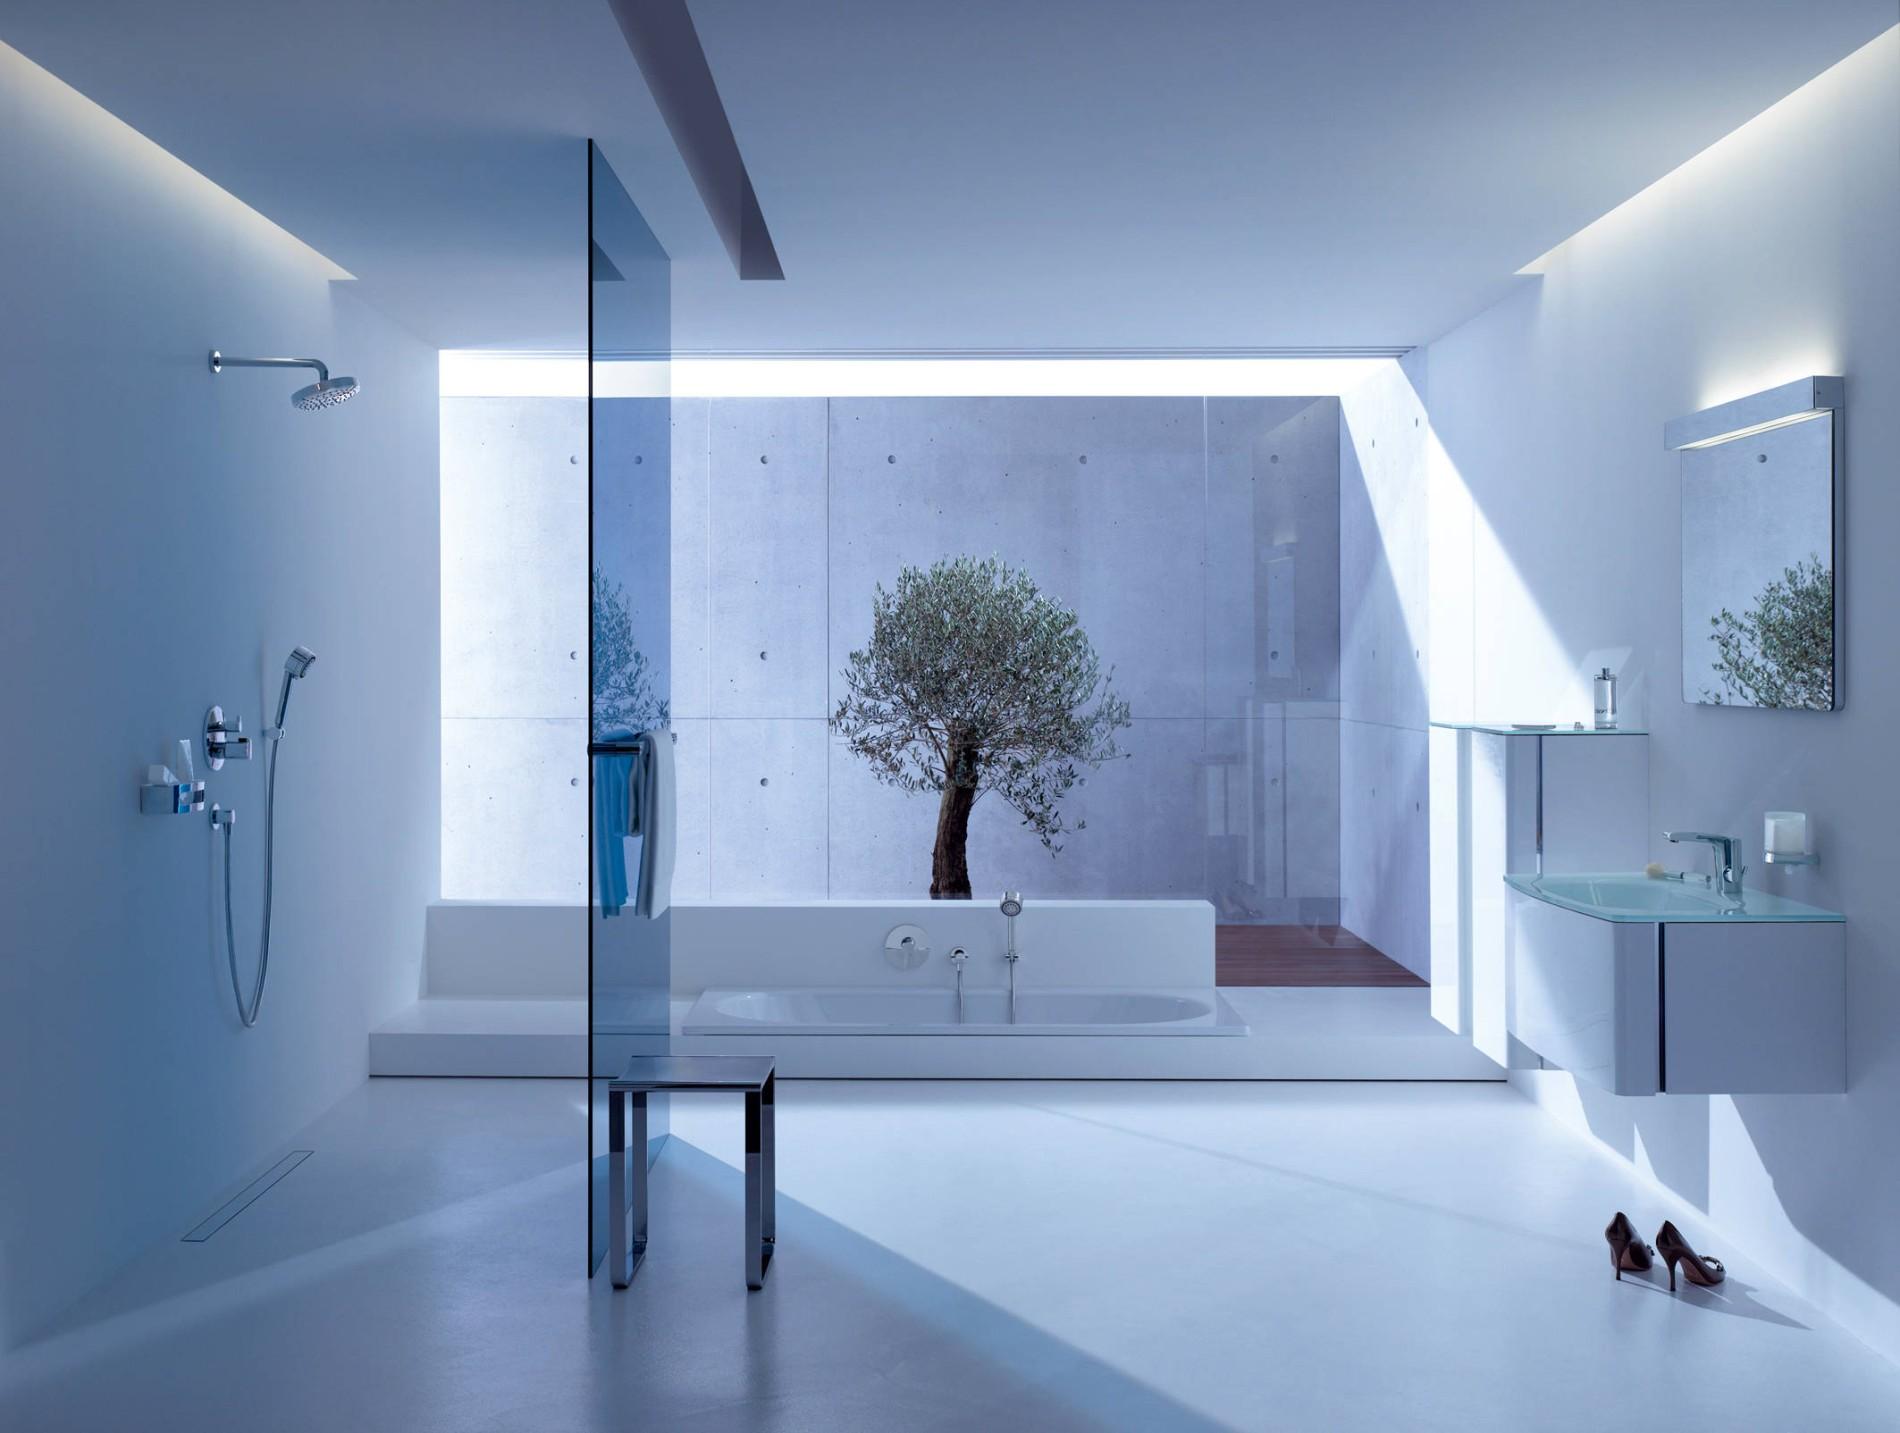 Badezimmer Tausende Euro für die private Badeanstalt   Haus   FAZ